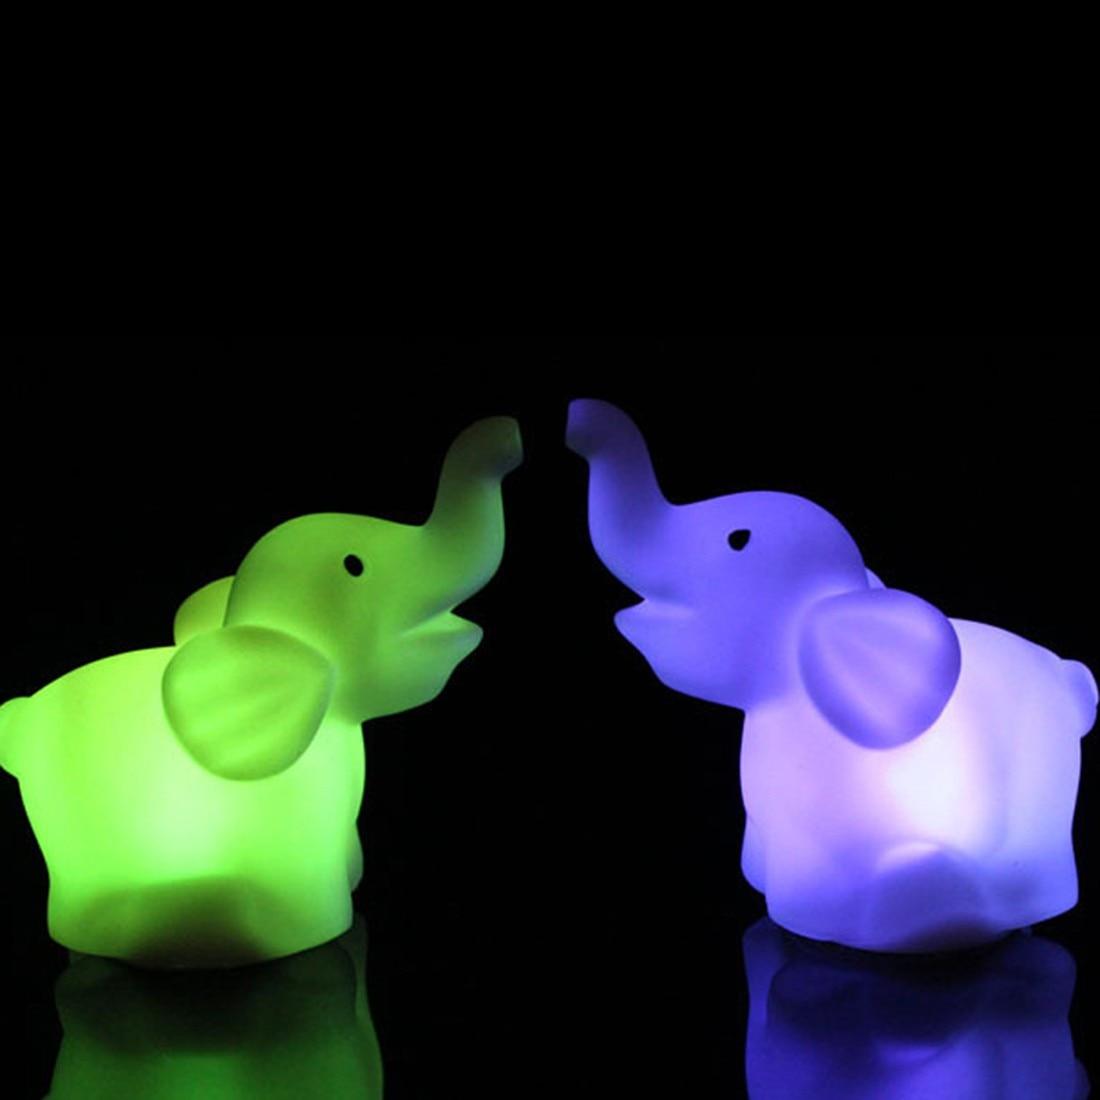 Image 4 - Słoń LED lampa kolor zmienne oświetlenie nocne atmosfera dla dziecka dziecko nocna dekoracja sypialni dzieci prezent śliczne lampyOświetlenie nocne   -